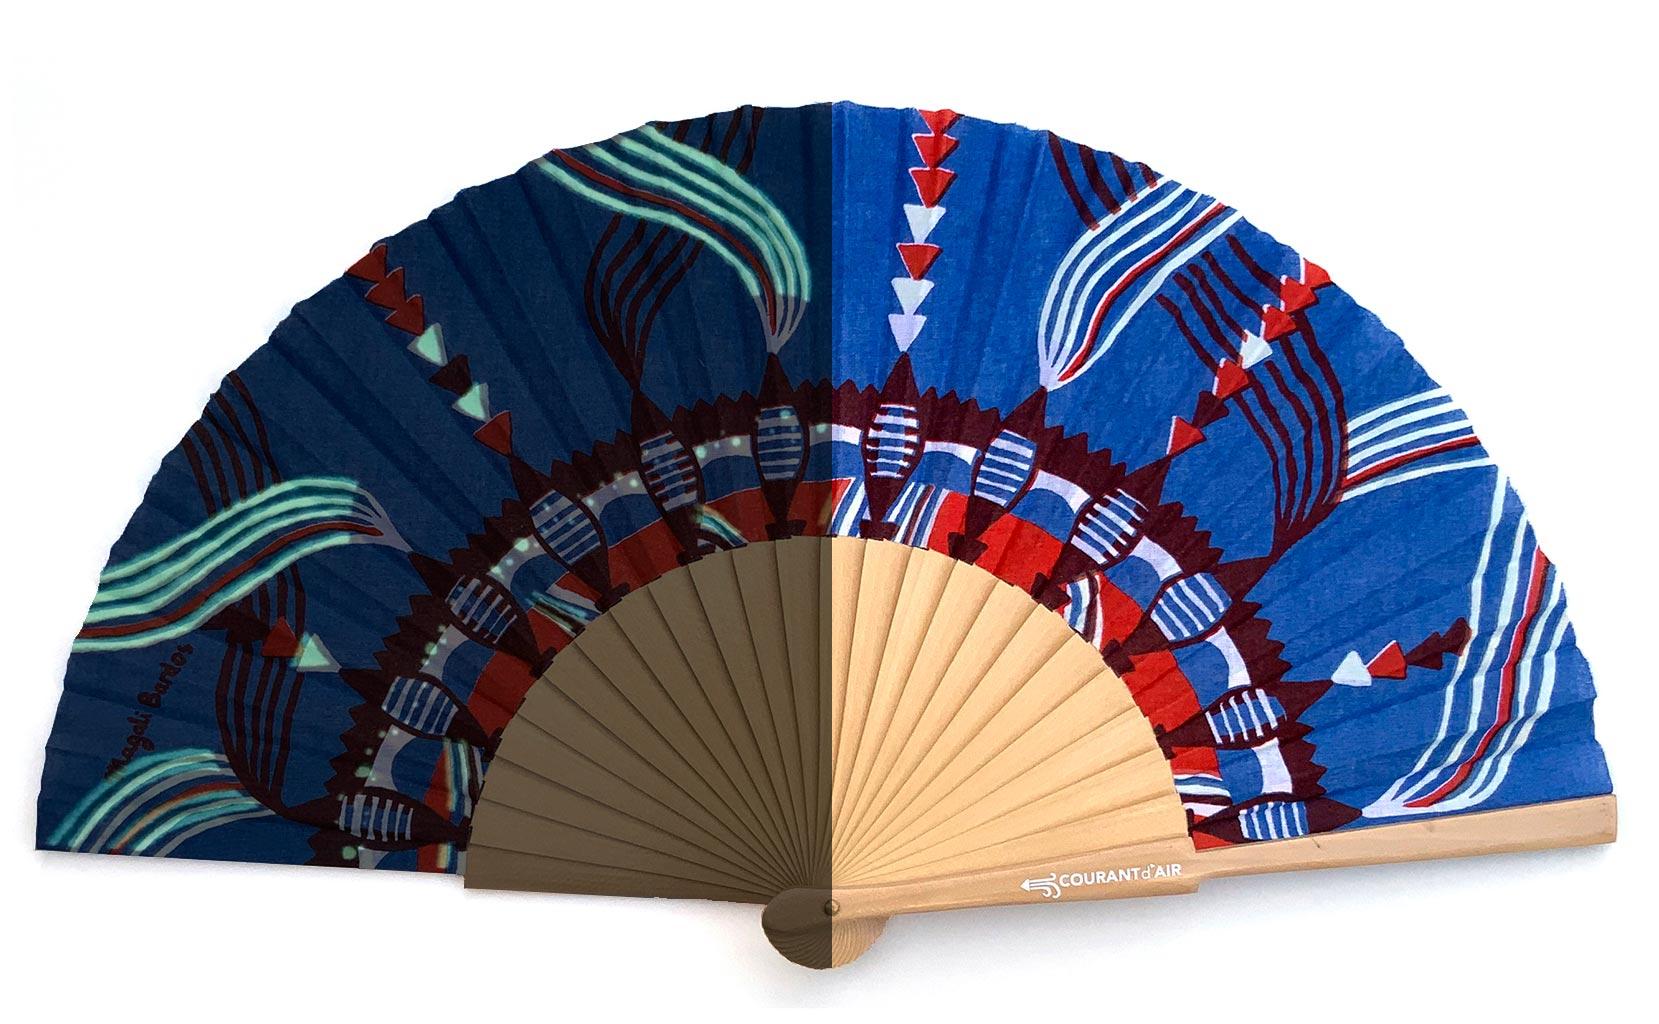 © courant d'air 03 © Magali Bardos éventail handfan motif pattern sérigraphie sur tissus silkscreen bleu rouge phosphorescent